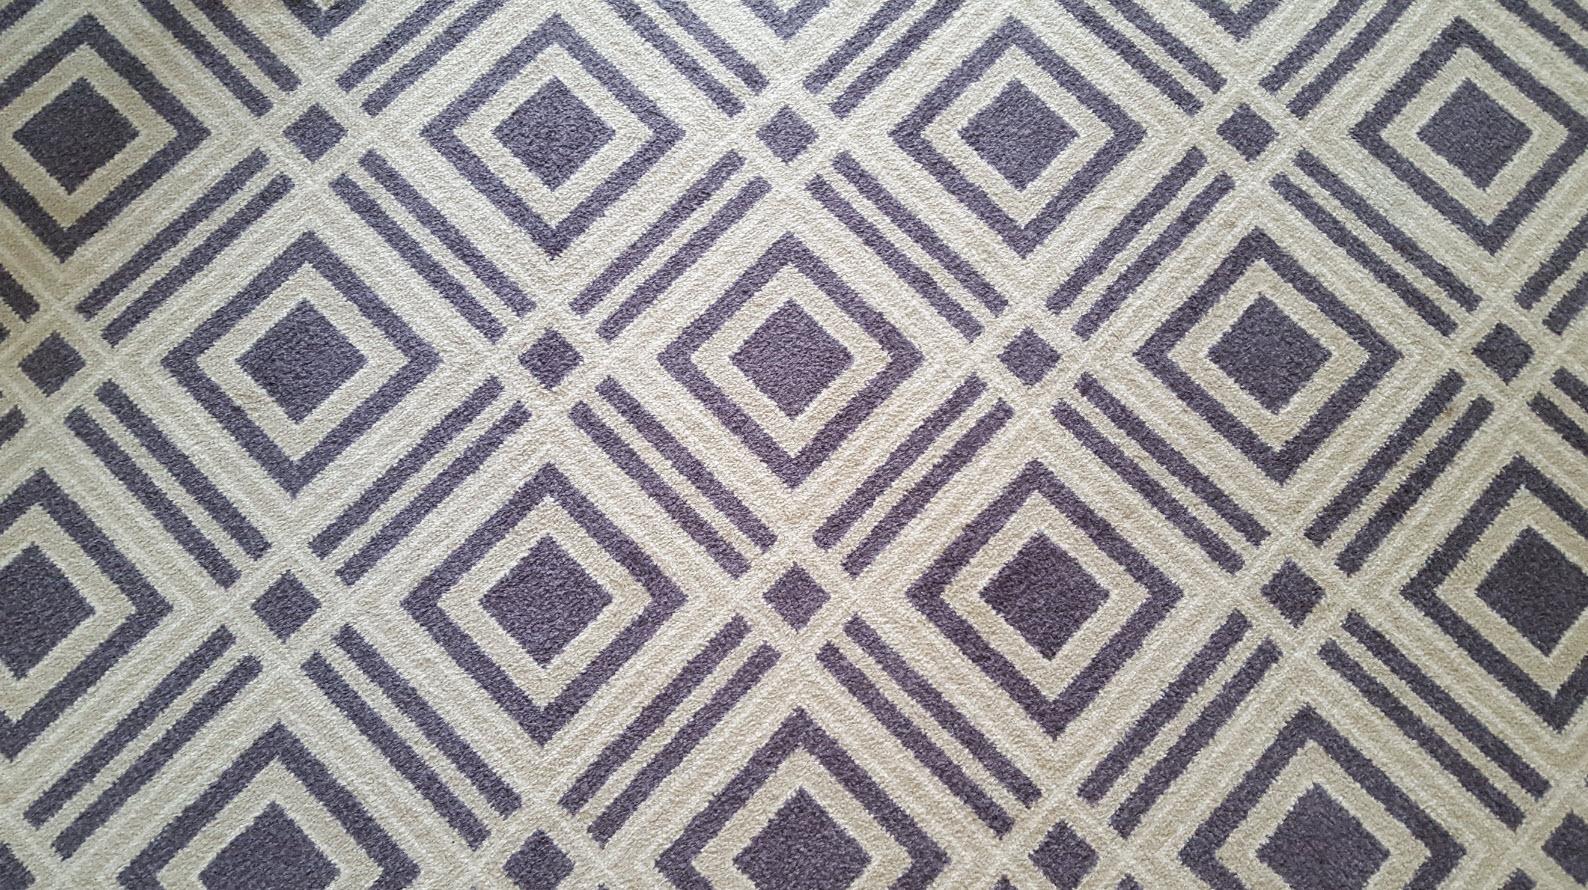 Moquette aux motifs geometriques